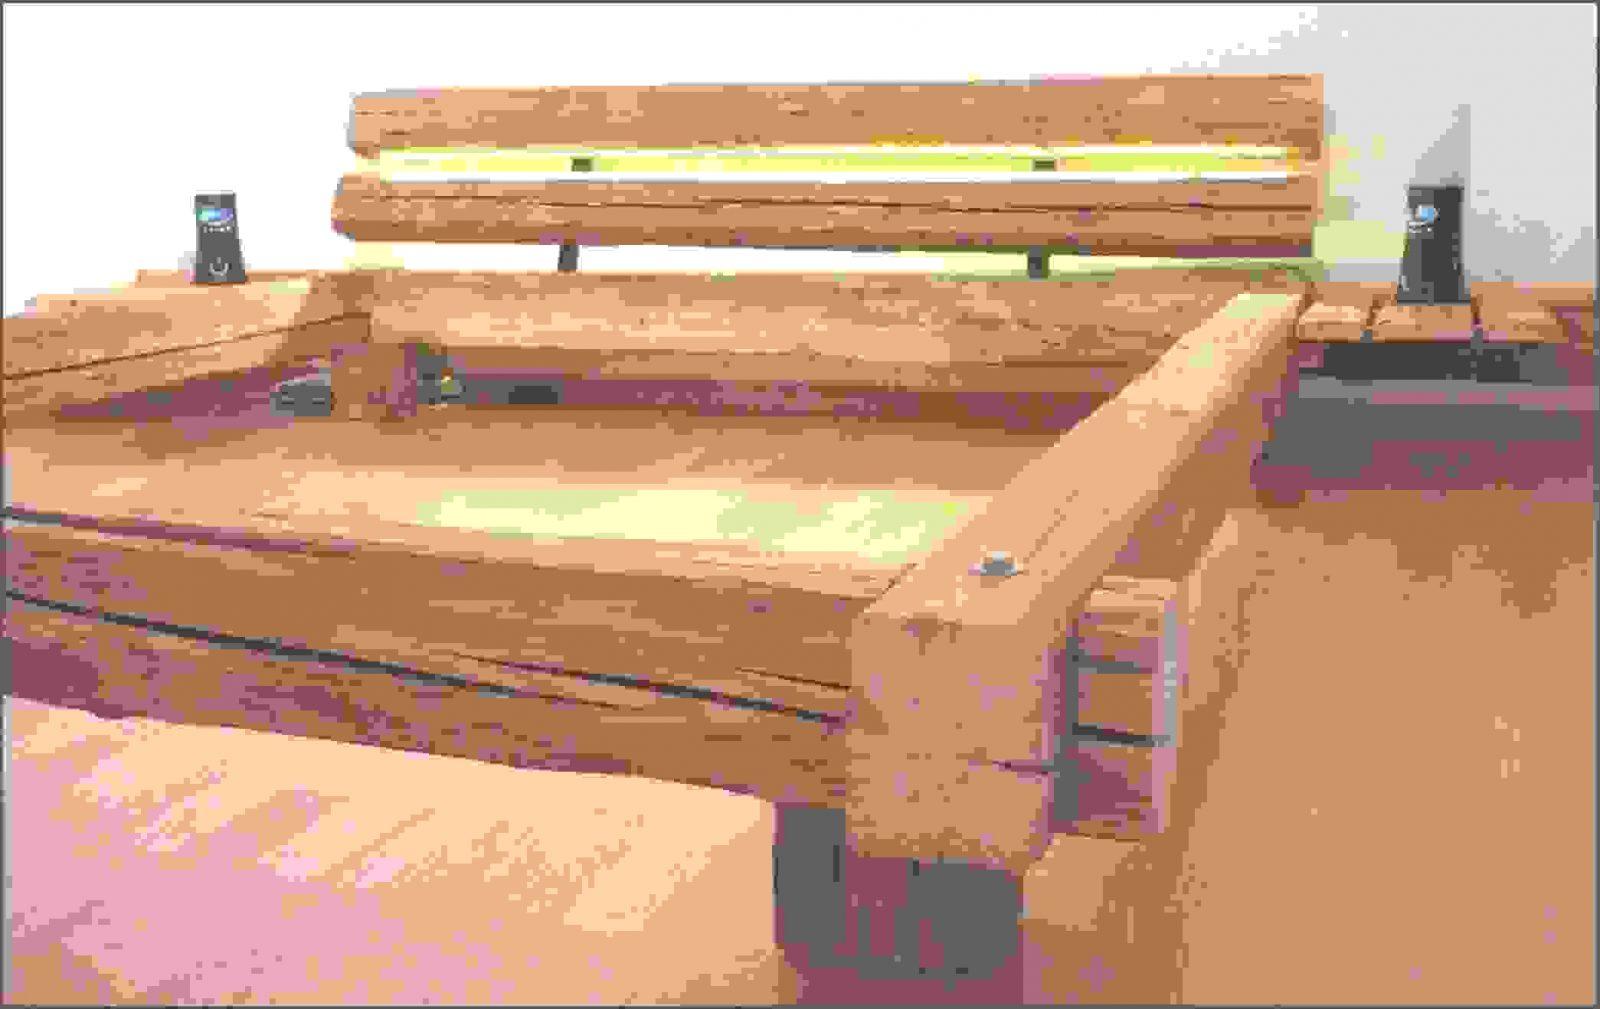 bett bauen holz betten selbst bauen kopfteil bett selber bauen holz betten selbst bauen with. Black Bedroom Furniture Sets. Home Design Ideas